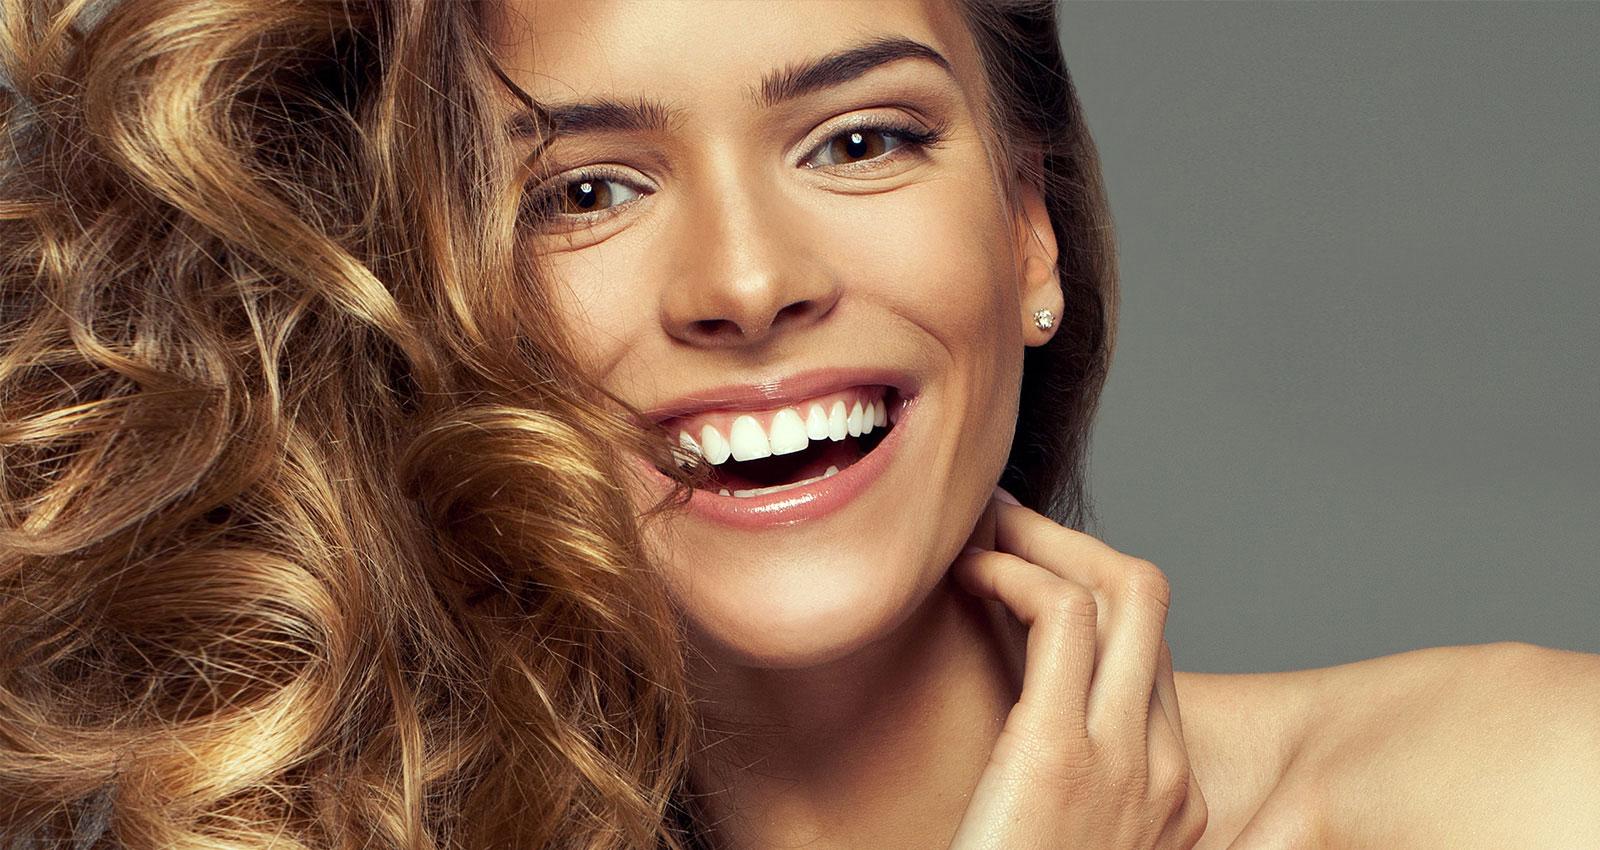 بهترین مدل مو برای فرم صورت شما کلینیک پوست و مو رخ آرا